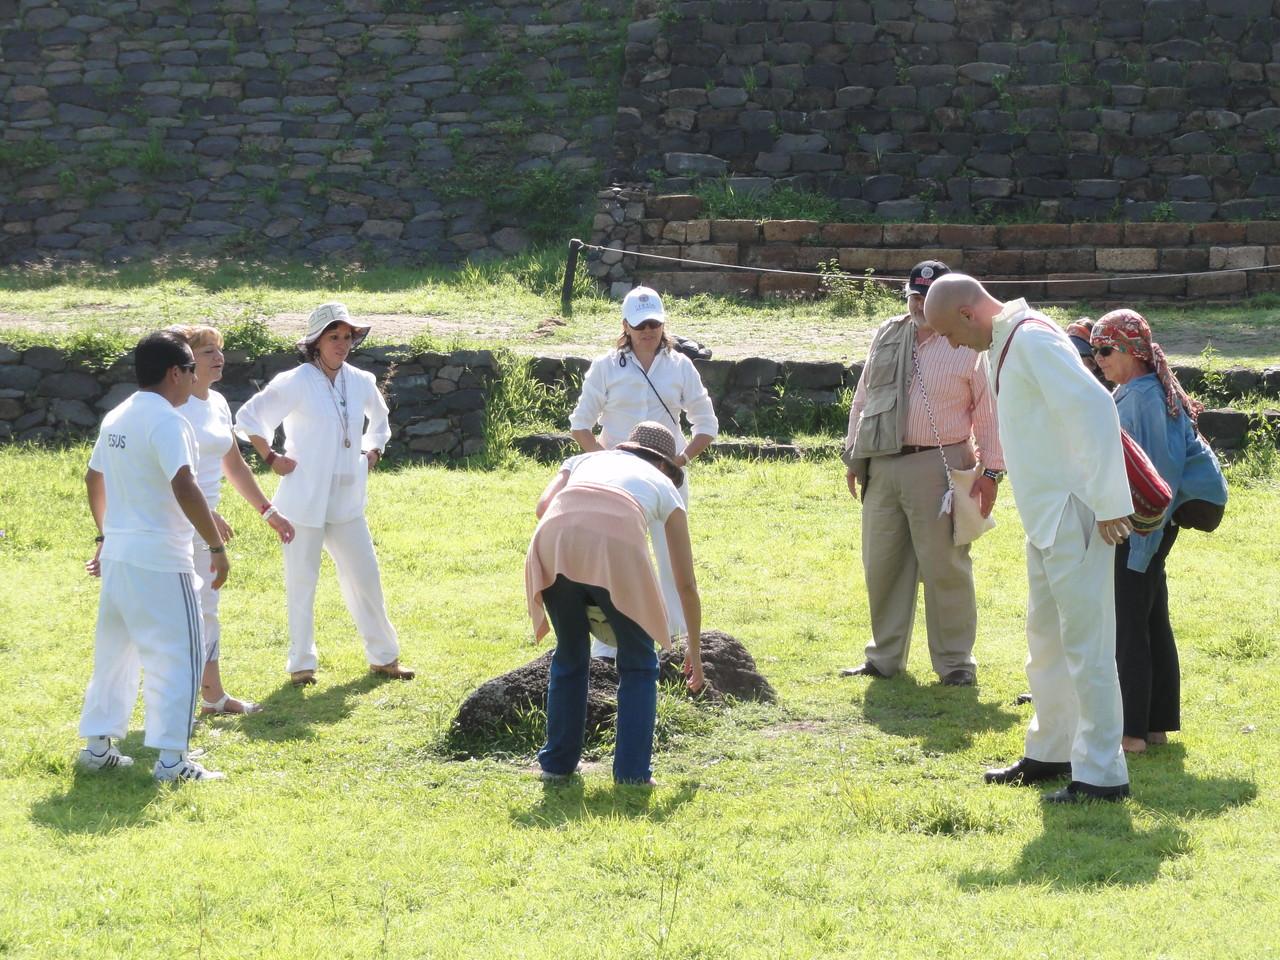 el grupo empieza a juntarse en las pirámides de Peralta